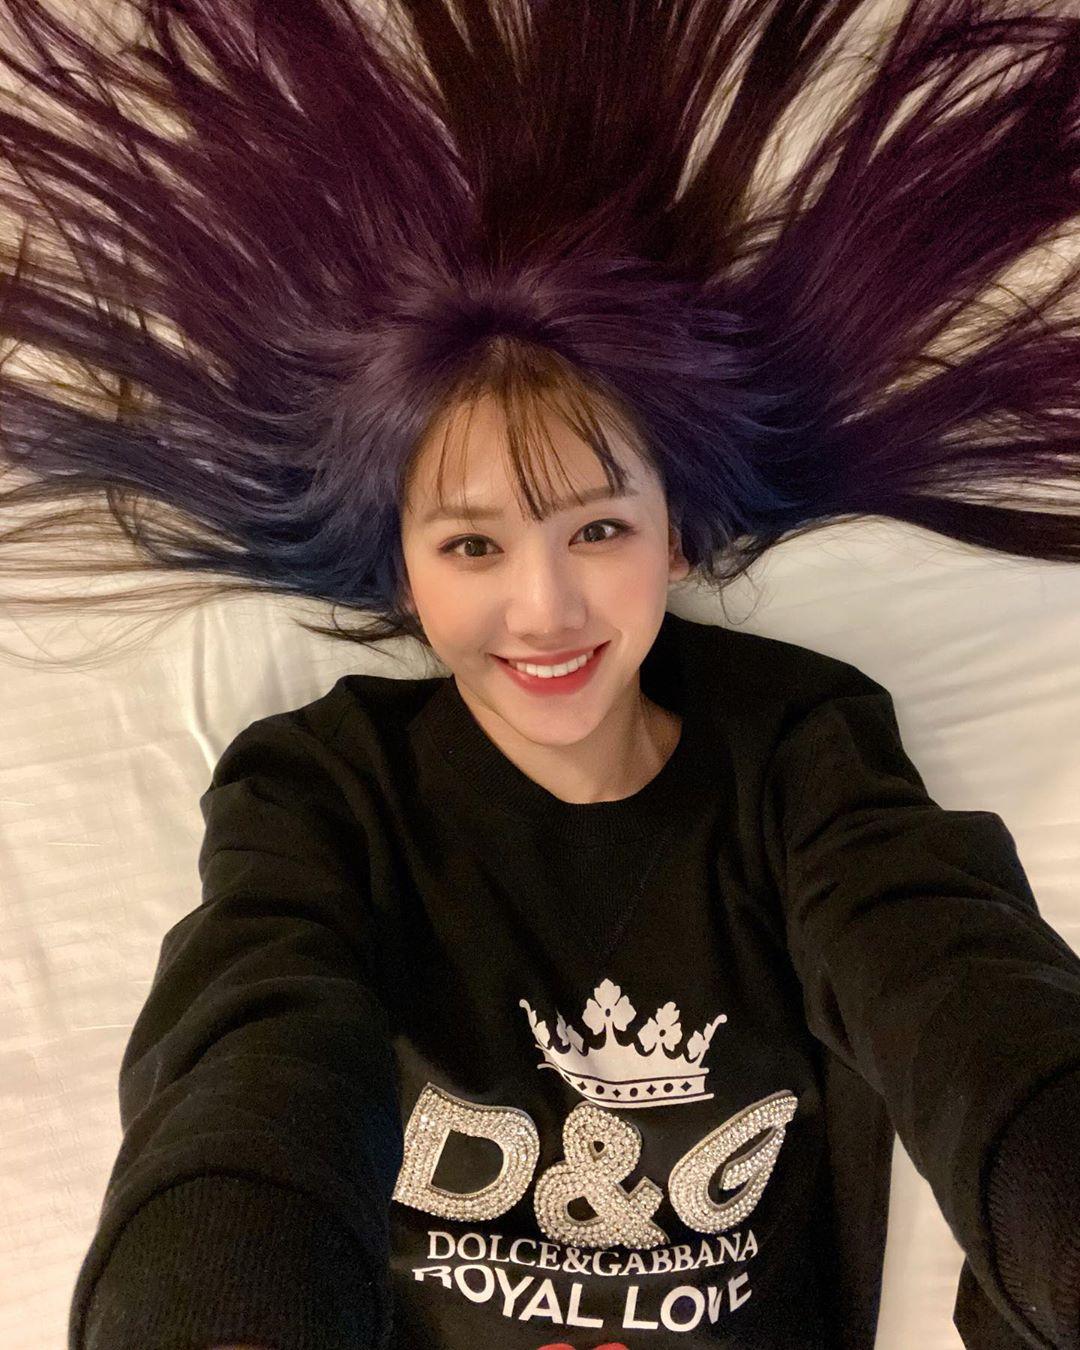 Hơn 30 tuổi đầu, lần đàu tiên trong cuộc đời Hari Won chơi lớn đến mức này: Nhuộm hẳn tóc tím omber chất nhất quả đất luôn - Ảnh 1.